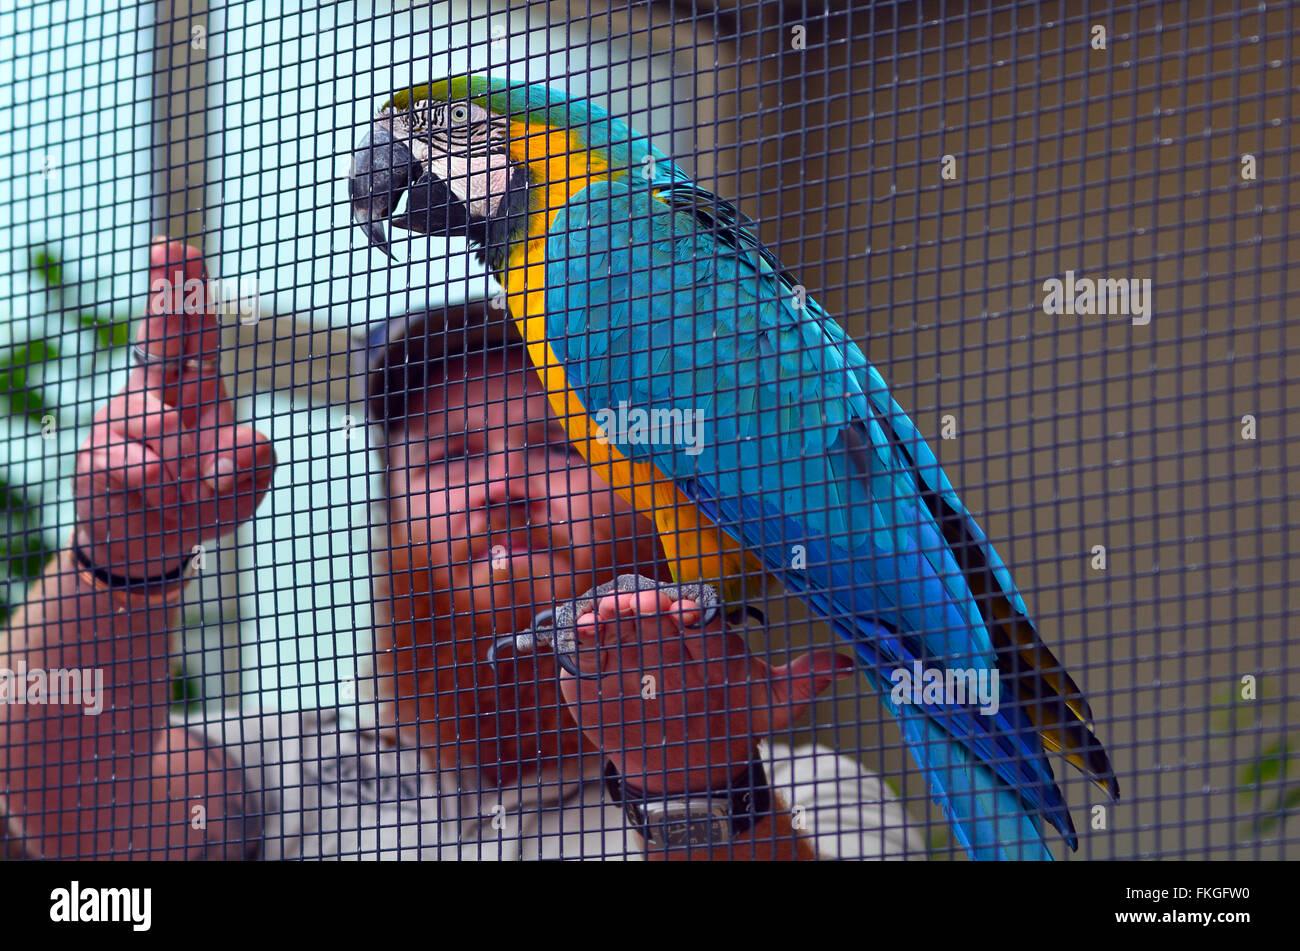 AUCKLAND - Jan 19 2015:Azul y Amarillo guacamayo (Ara ararauna) con un entrenador de aves. Ellos son muy populares Imagen De Stock